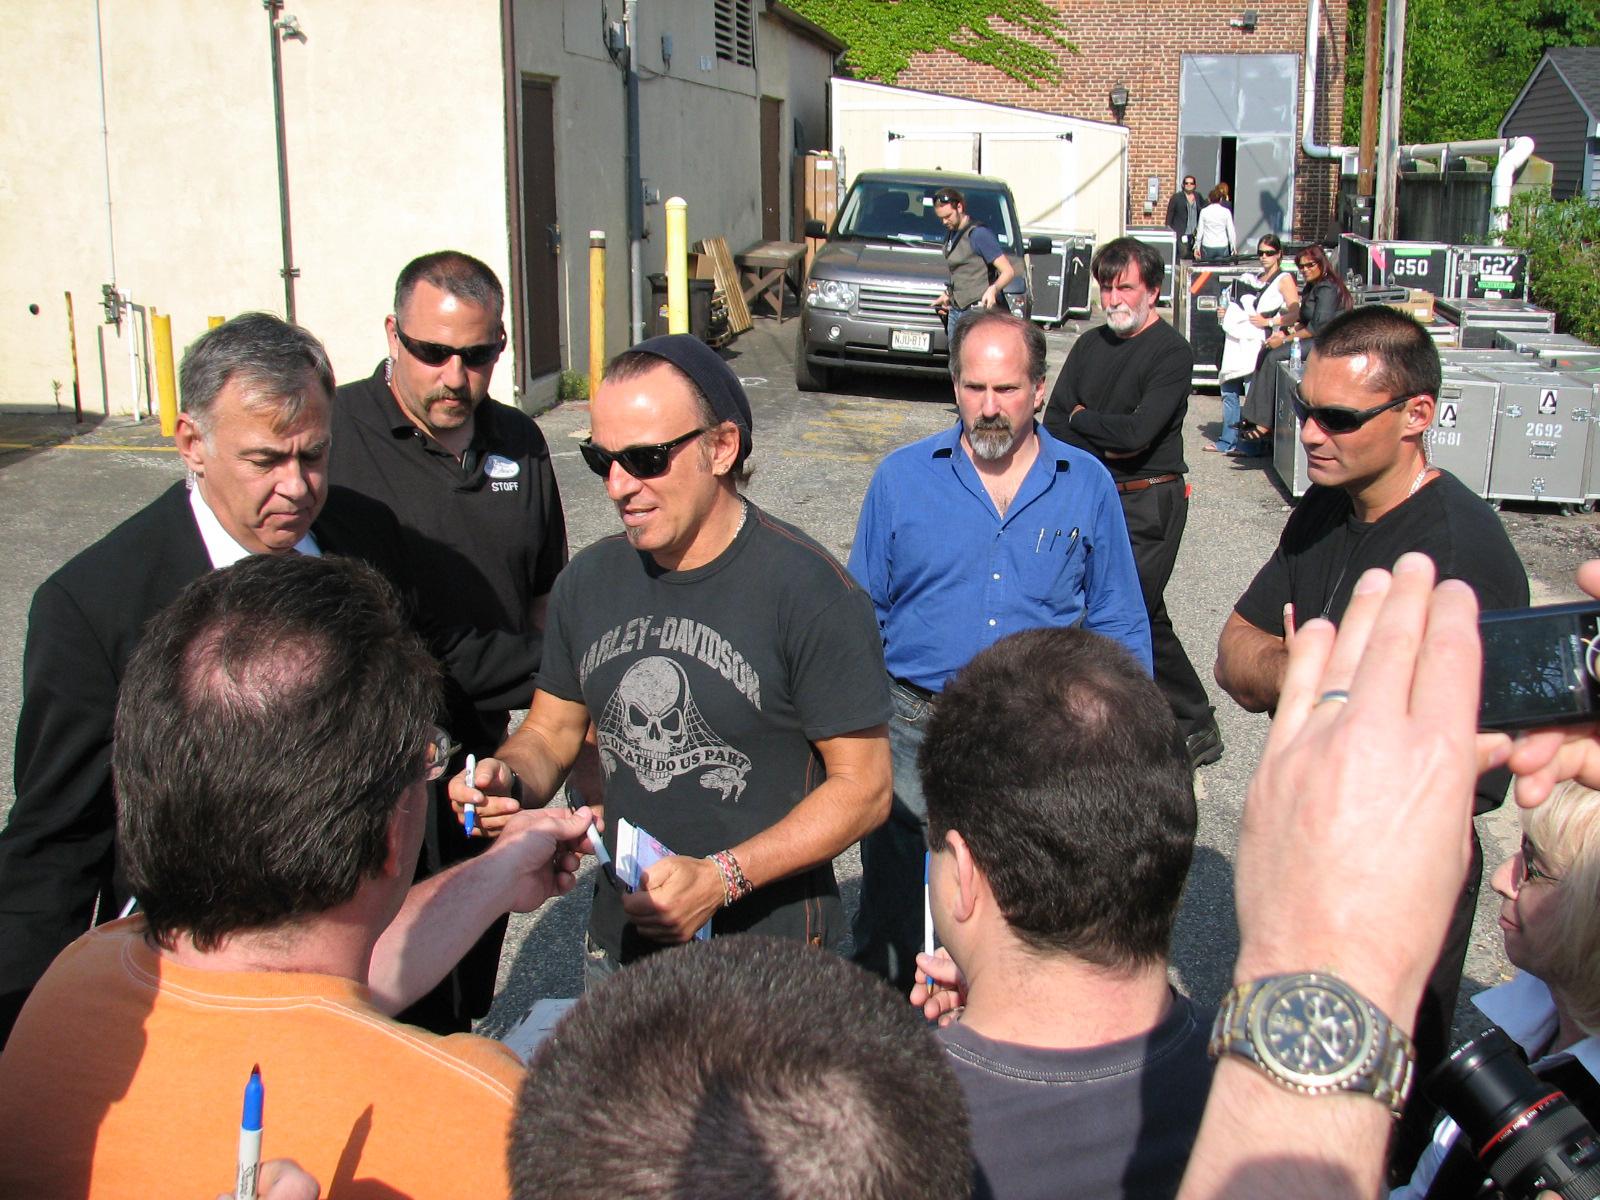 Springsteen Signs Virginia Duke